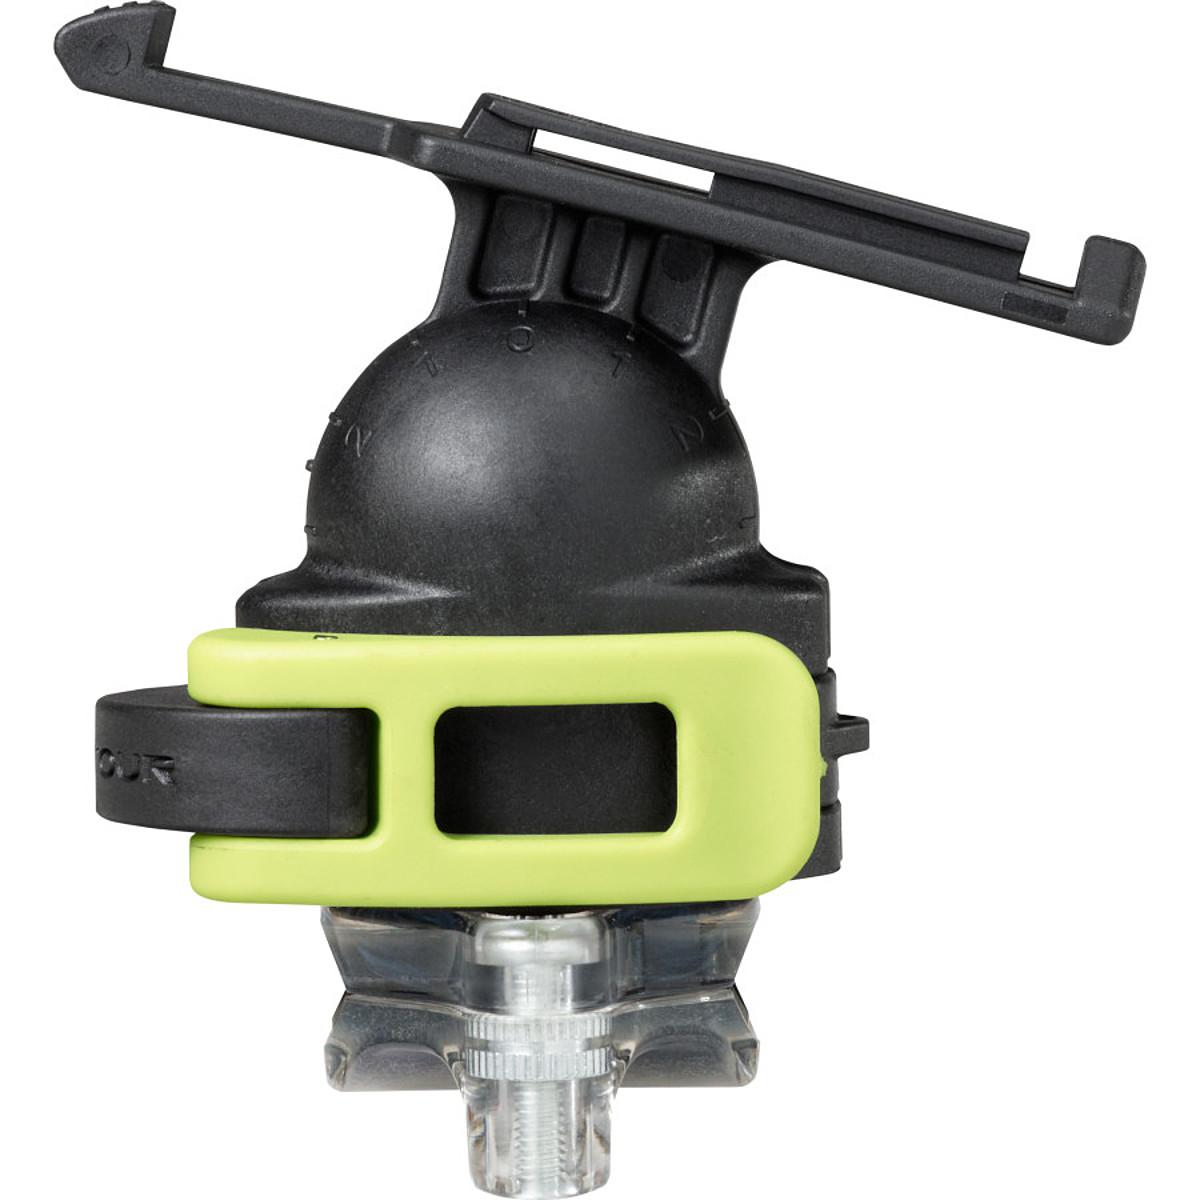 photo of a Contour camera accessory